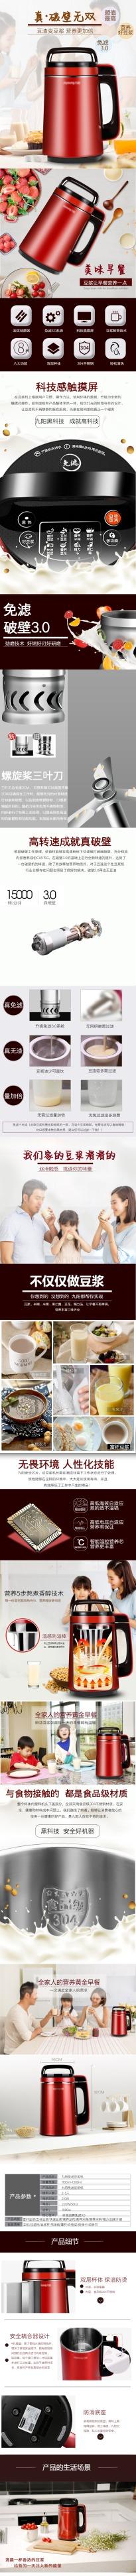 简约大气百货零售家居生活家电豆浆机促销电商详情页